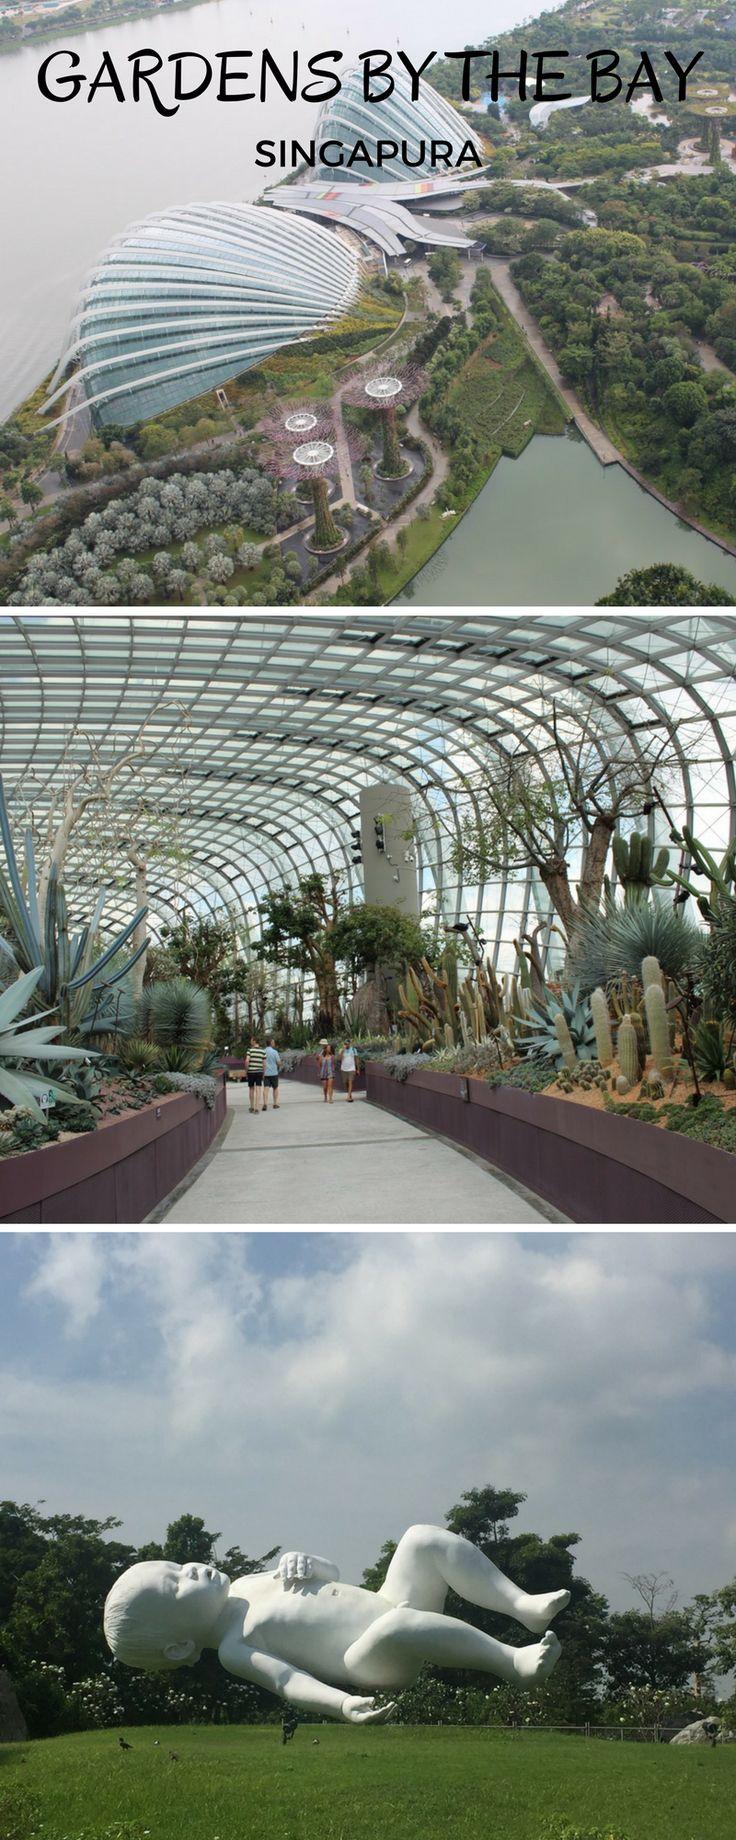 Procurando o que fazer em Singapura? O Gardens by the Bay é sem dúvida a principal atração turística de Singapura.